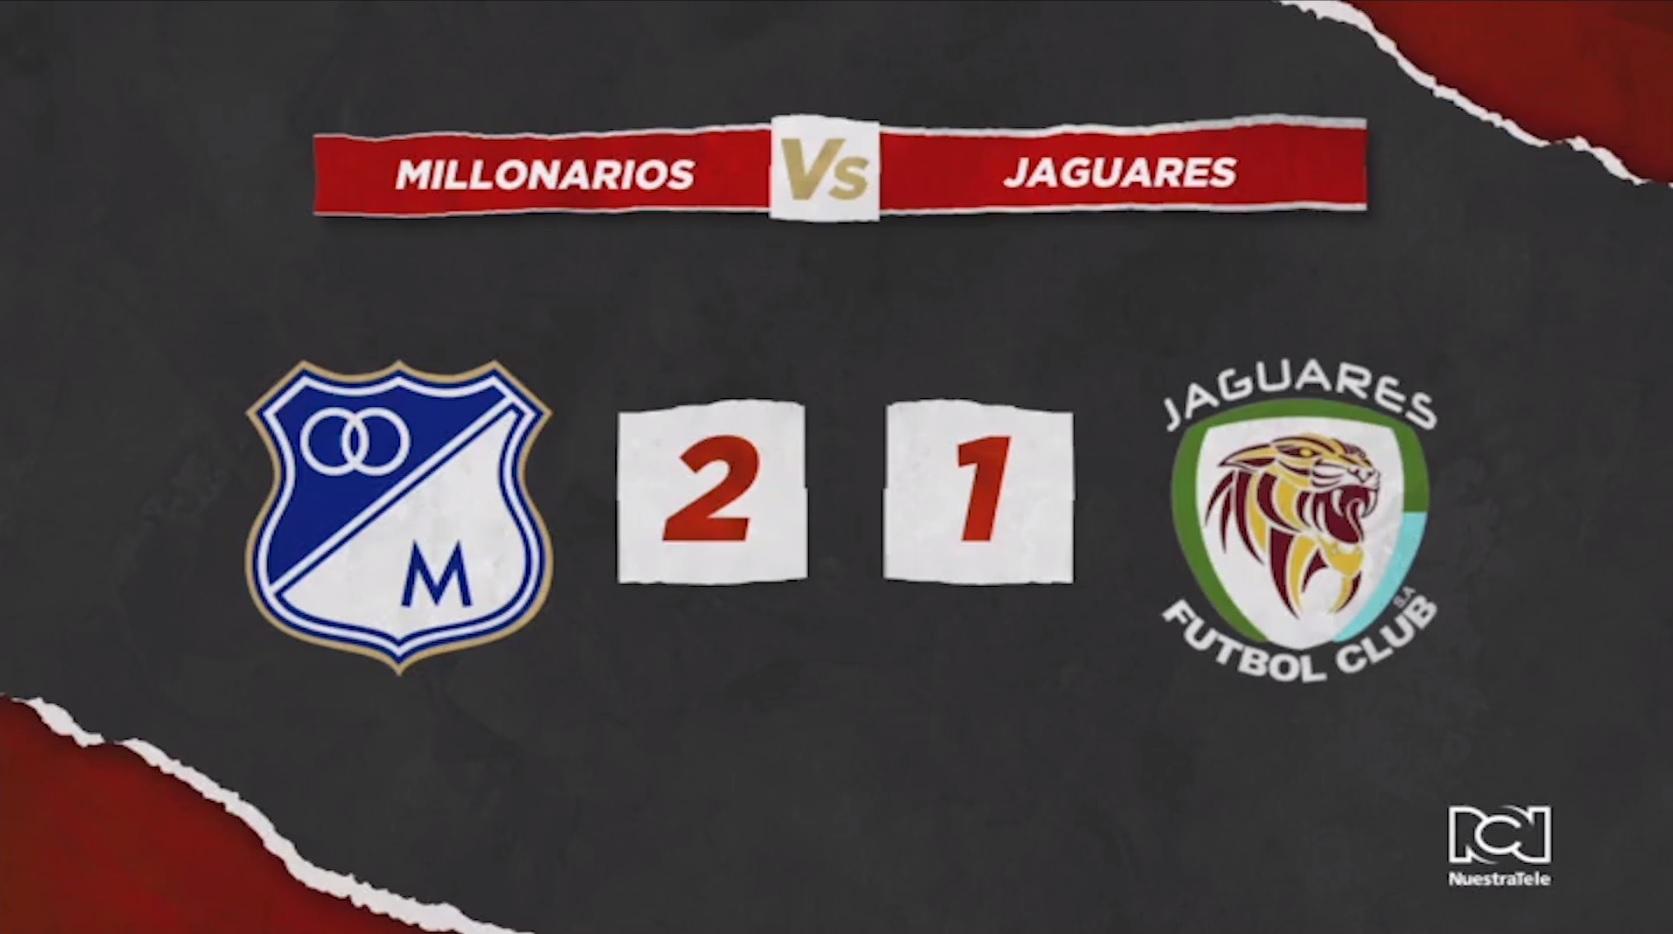 Millonarios Vs Jaguares